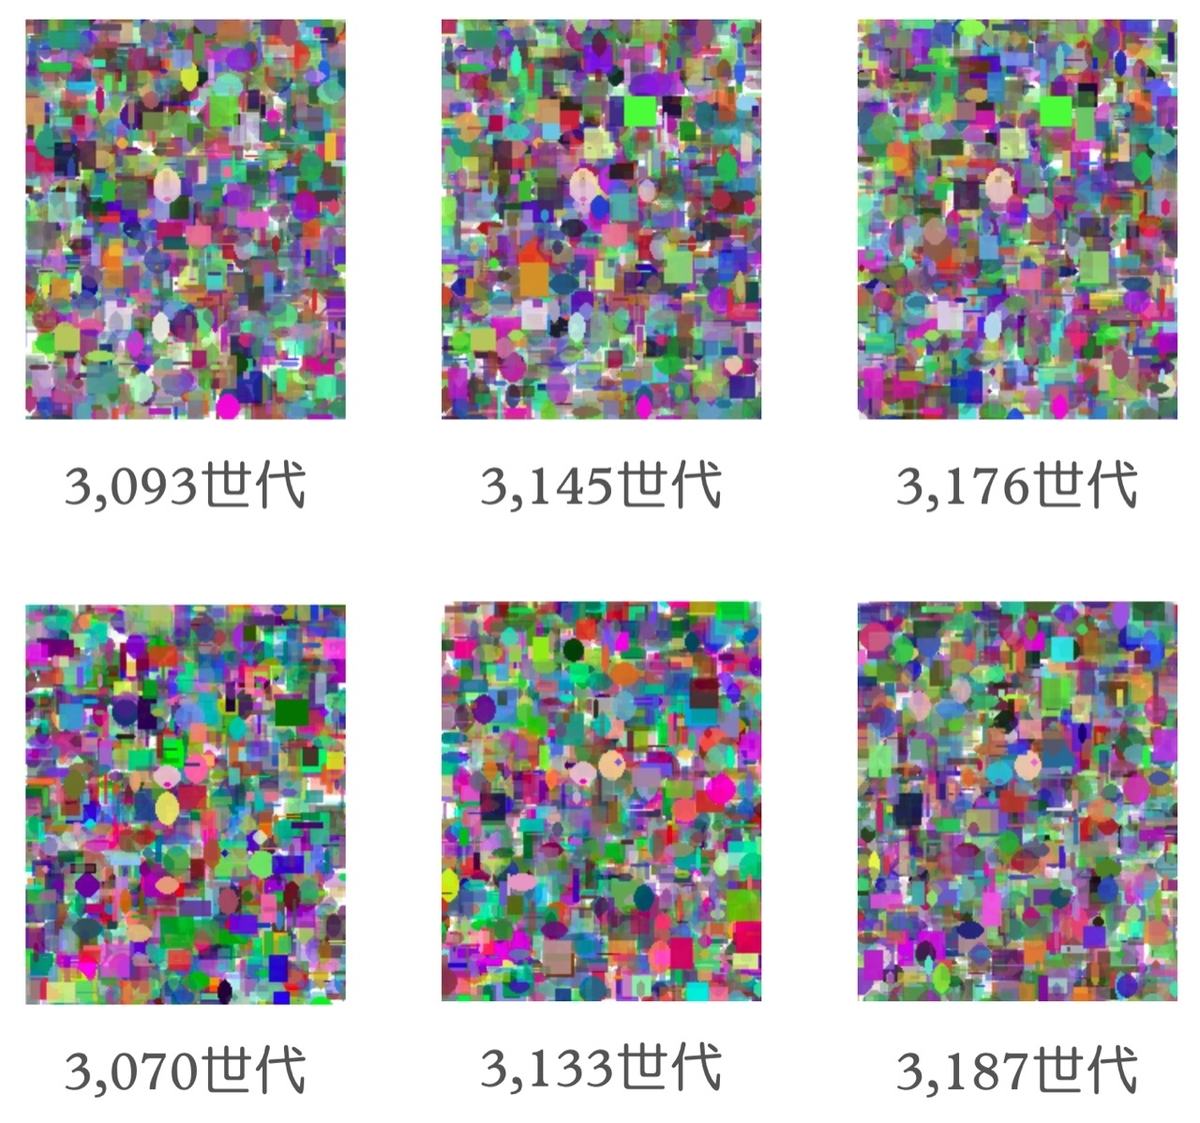 f:id:honeshabri:20210208002023j:plain